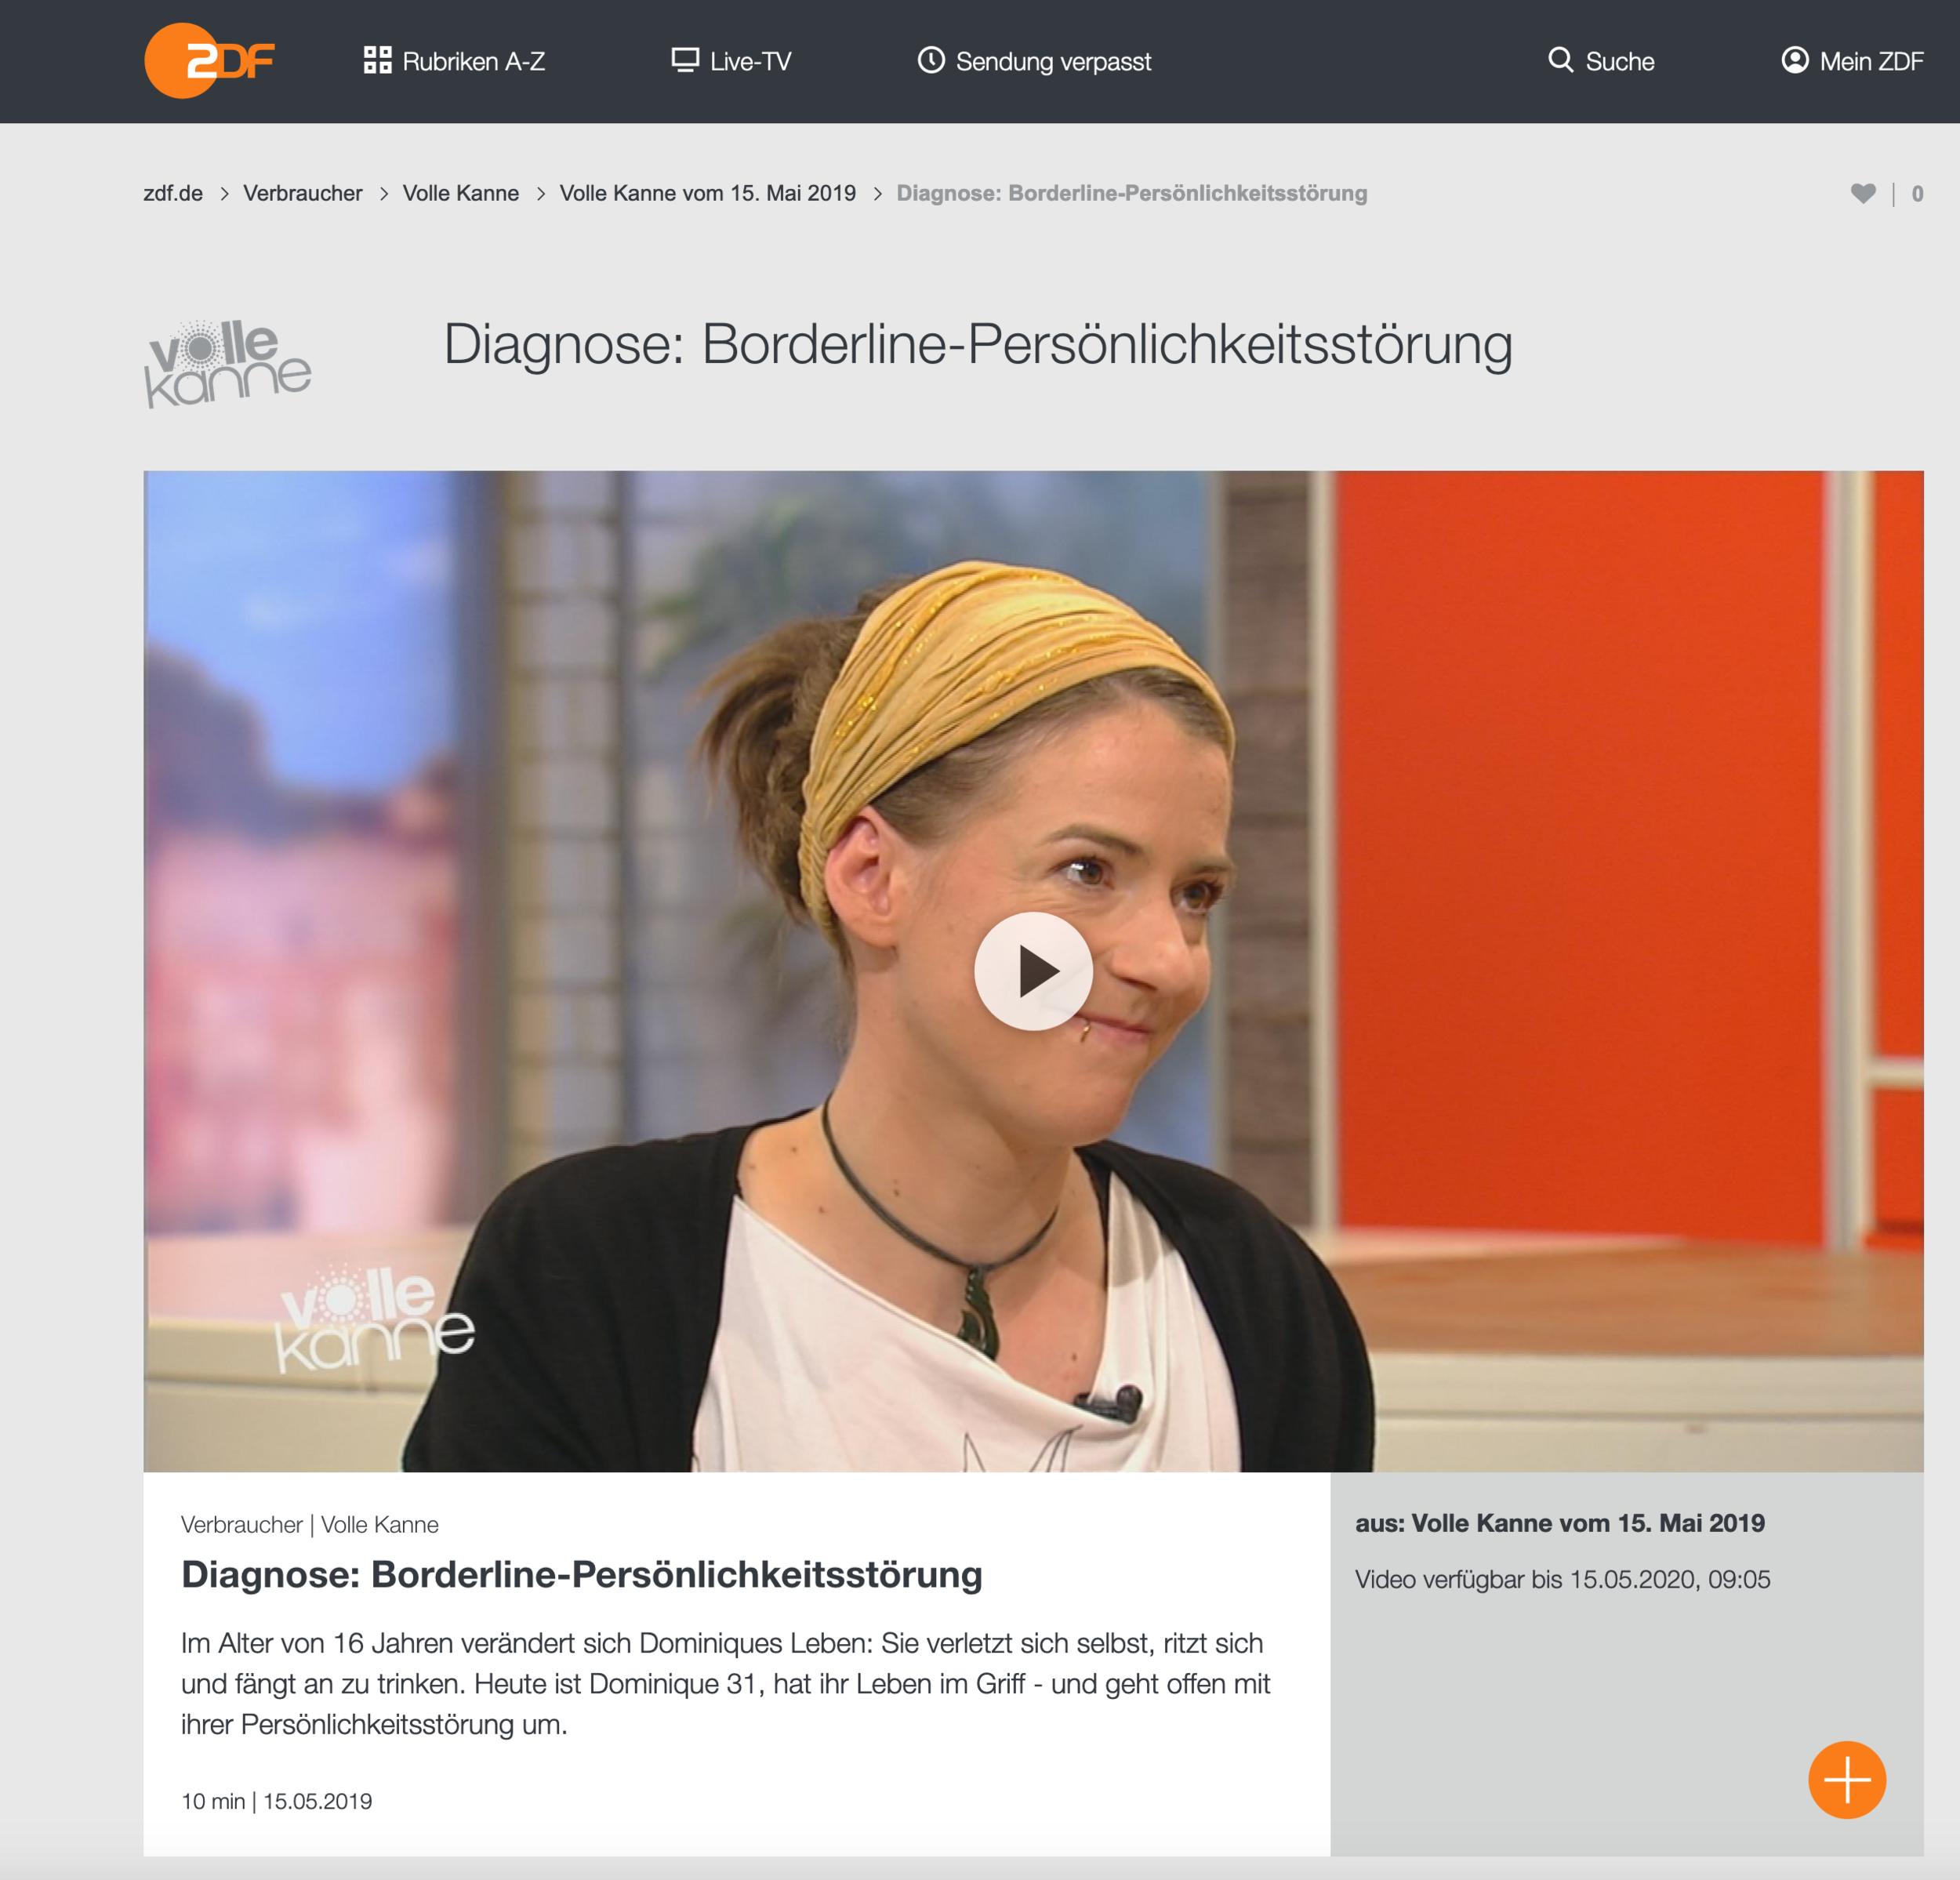 Screenshot aus der ZDF-Mediathek zur Sendung Volle-Kanne am 15.5.2019 mit Dominique de Marné